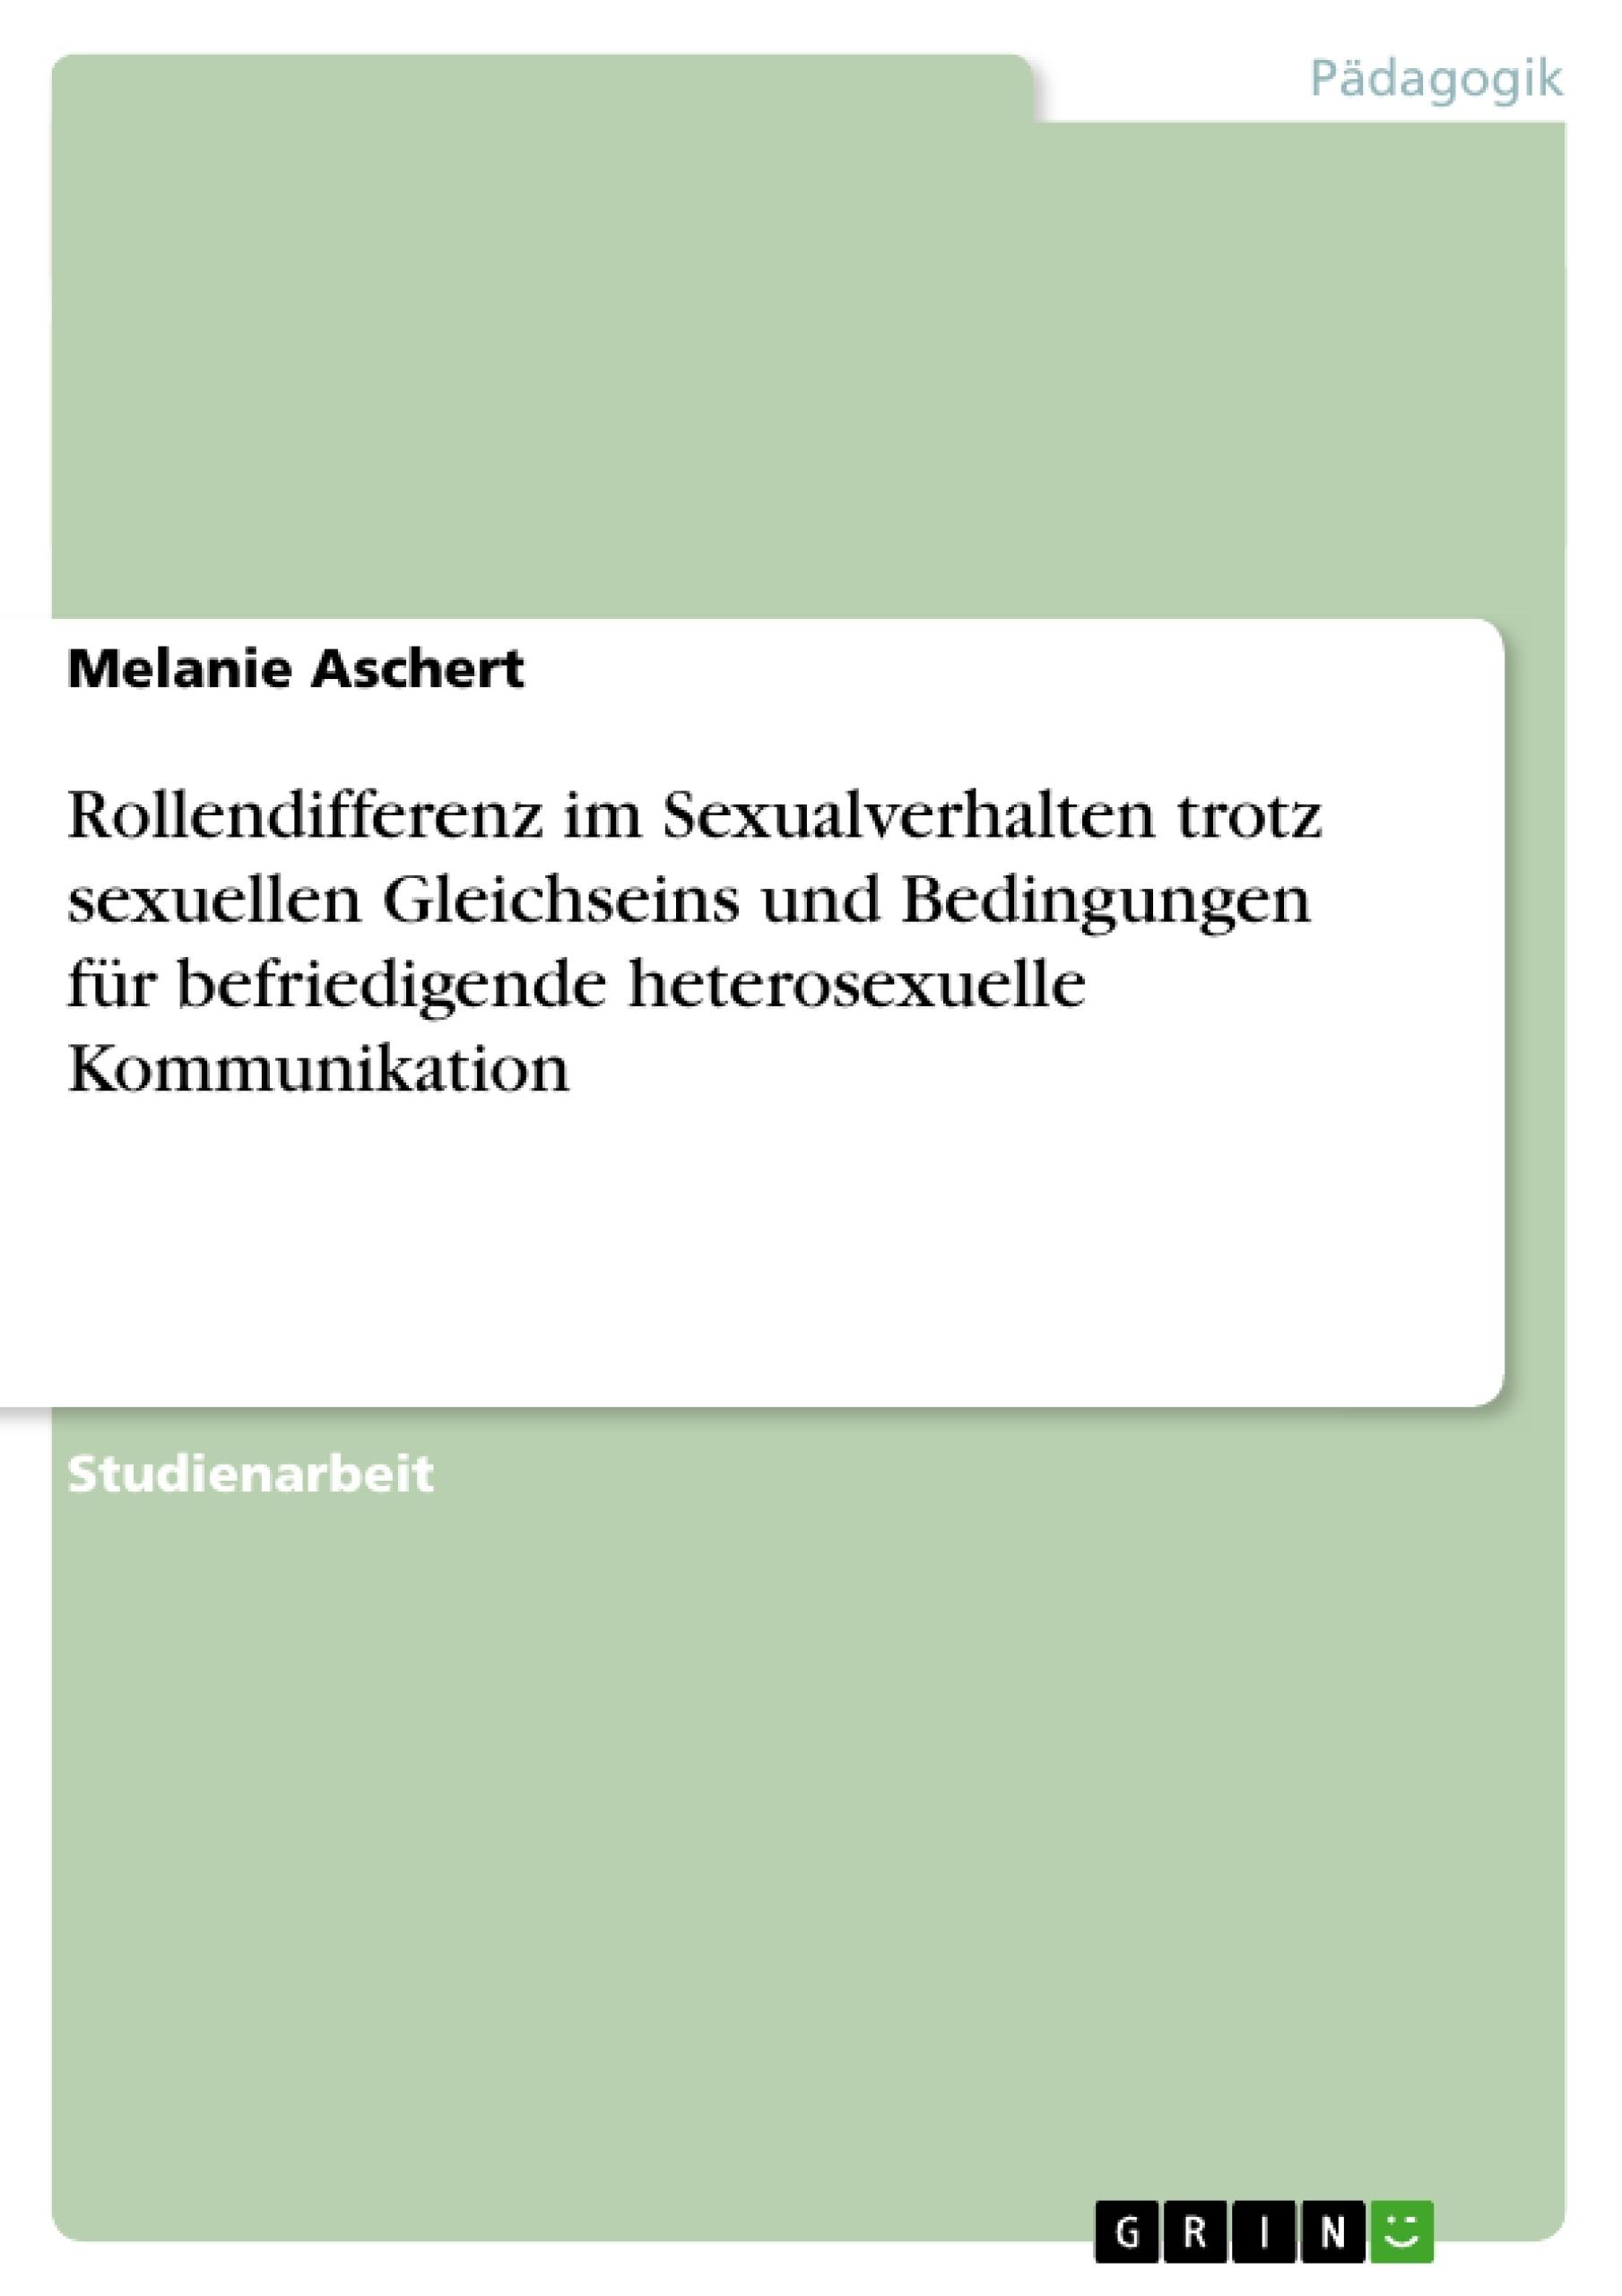 Titel: Rollendifferenz im Sexualverhalten trotz sexuellen Gleichseins und Bedingungen für befriedigende heterosexuelle Kommunikation